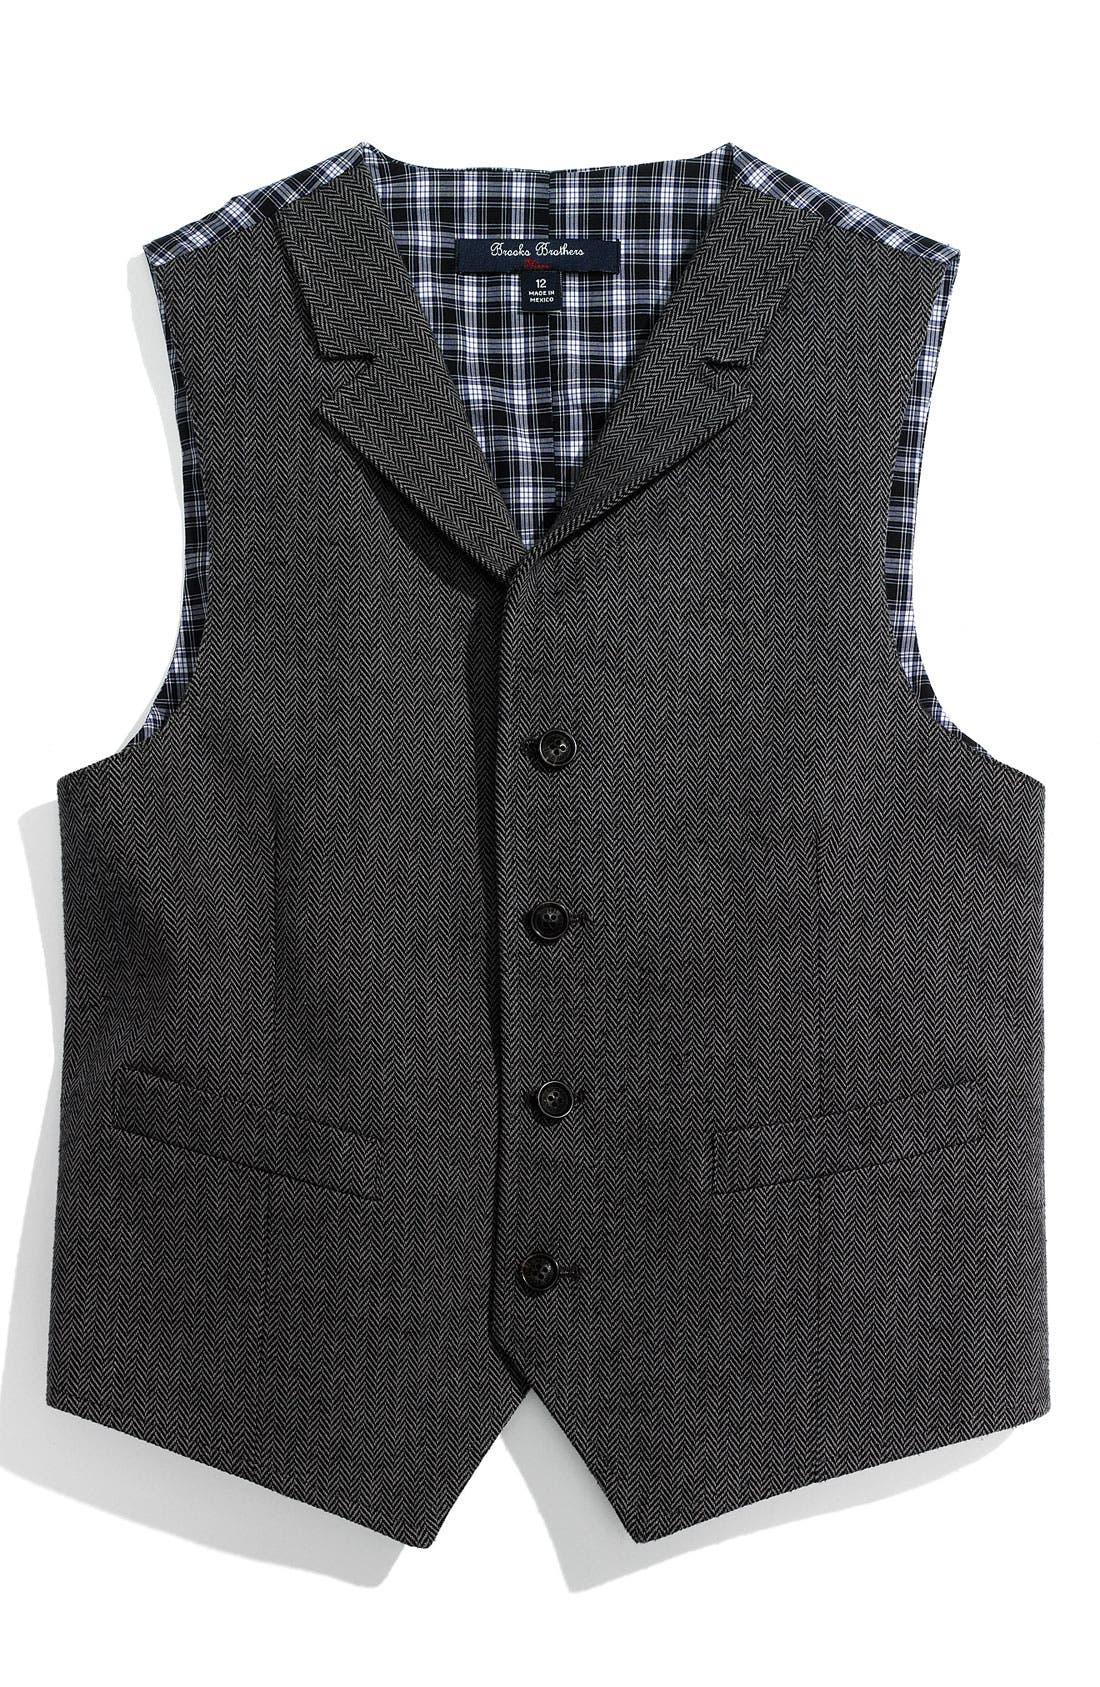 Alternate Image 1 Selected - Brooks Brothers Herringbone Vest (Big Boys)